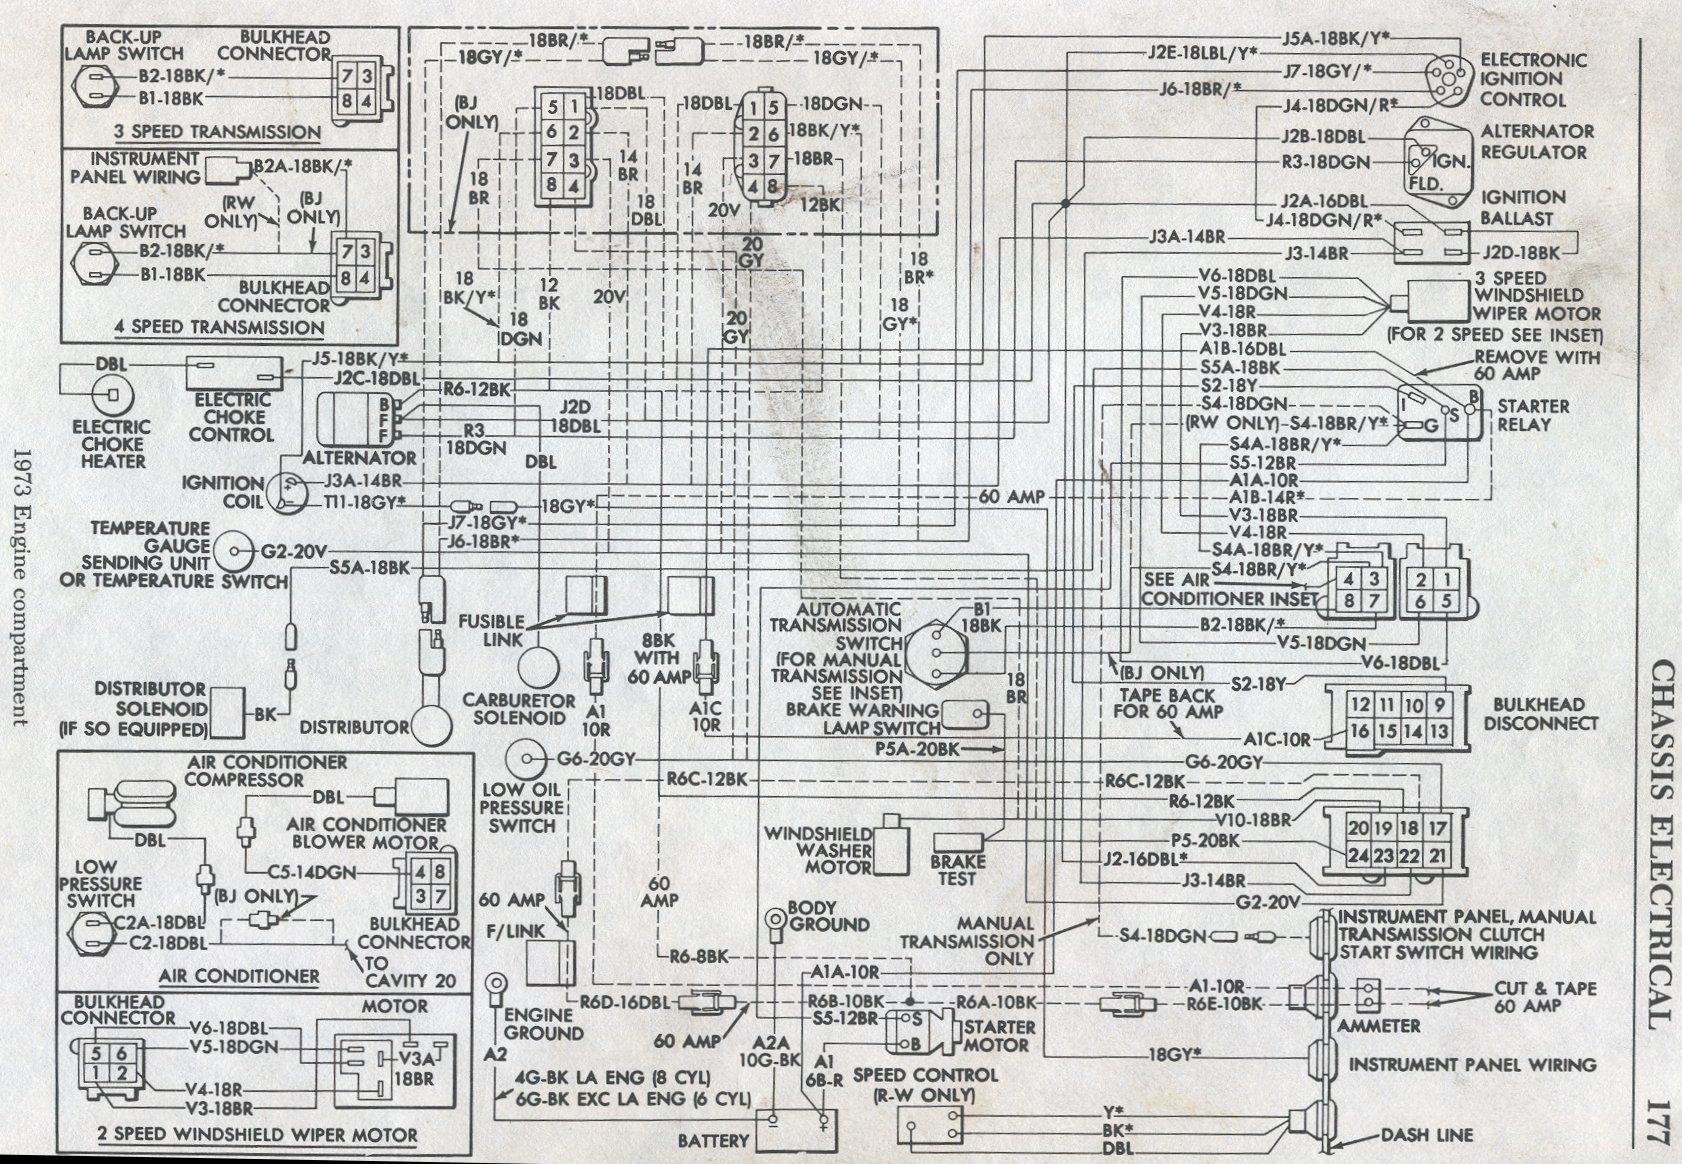 1973 plymouth cuda wiring diagram wiring diagram home fuse box diagram 73 cuda fuse box diagram #6